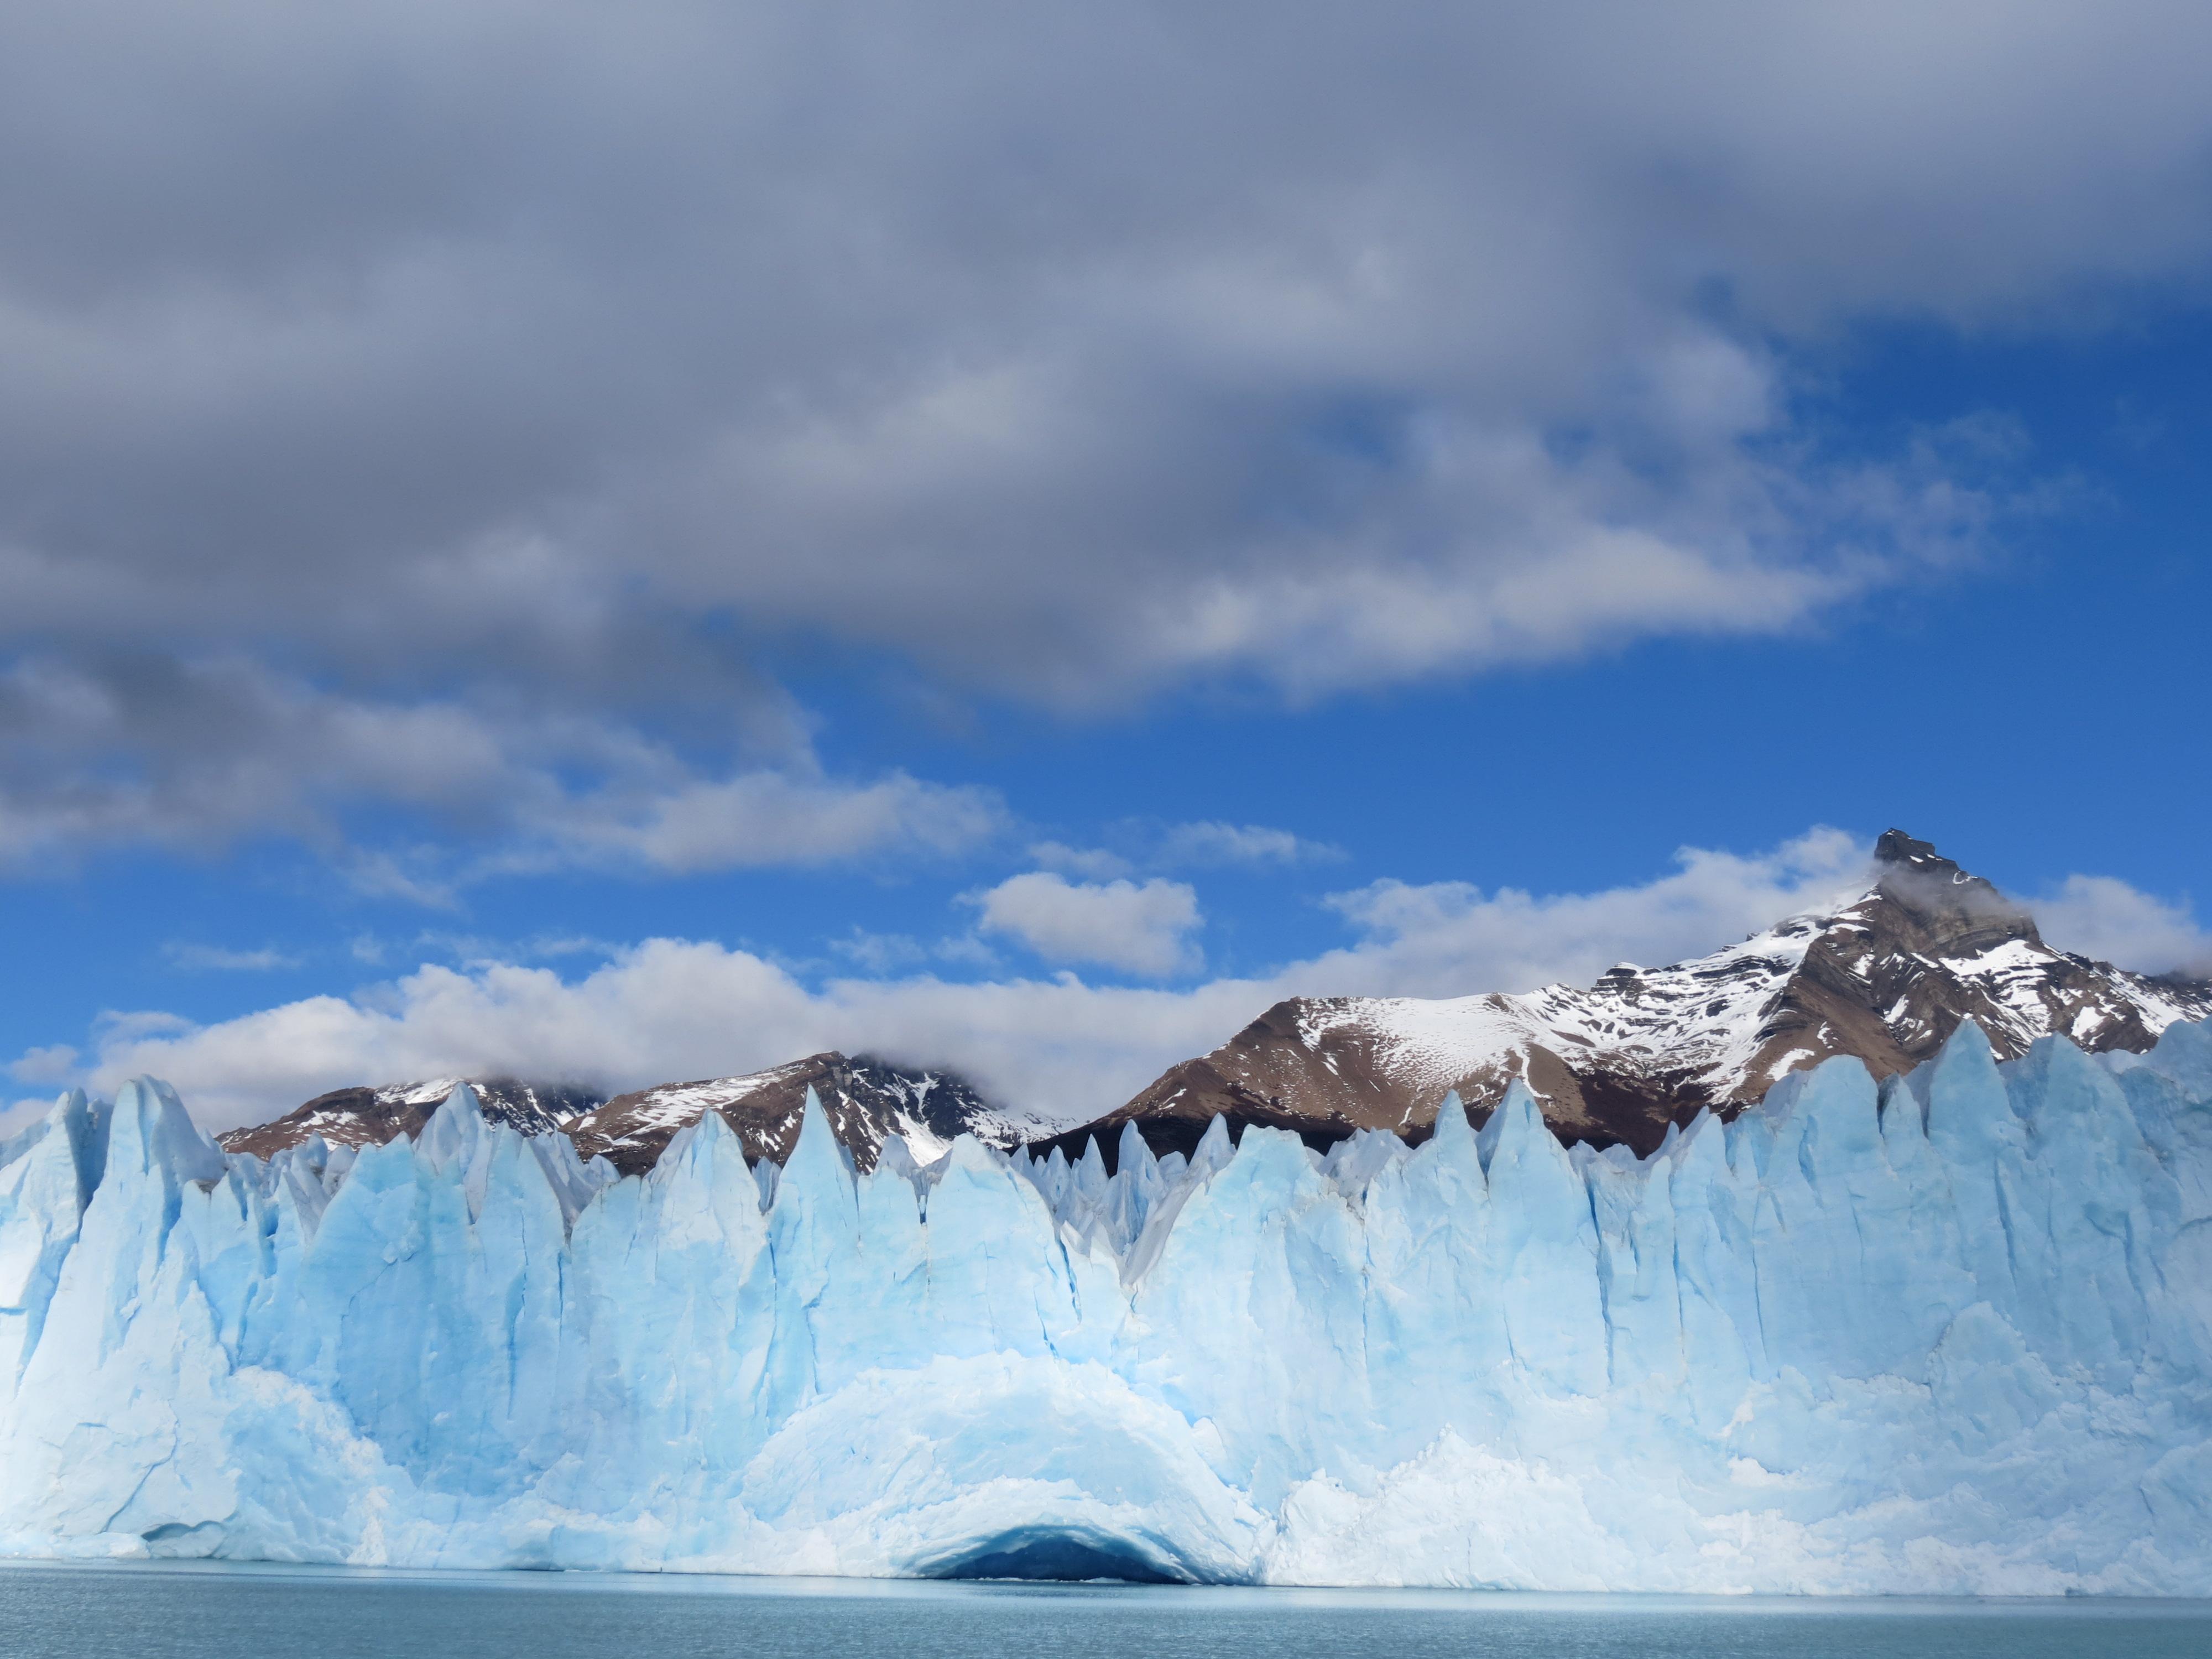 Montañas Nevadas En La Patagonia: Fondos De Pantalla : Azul, Patagonia, Blanco, Lago, Nieve